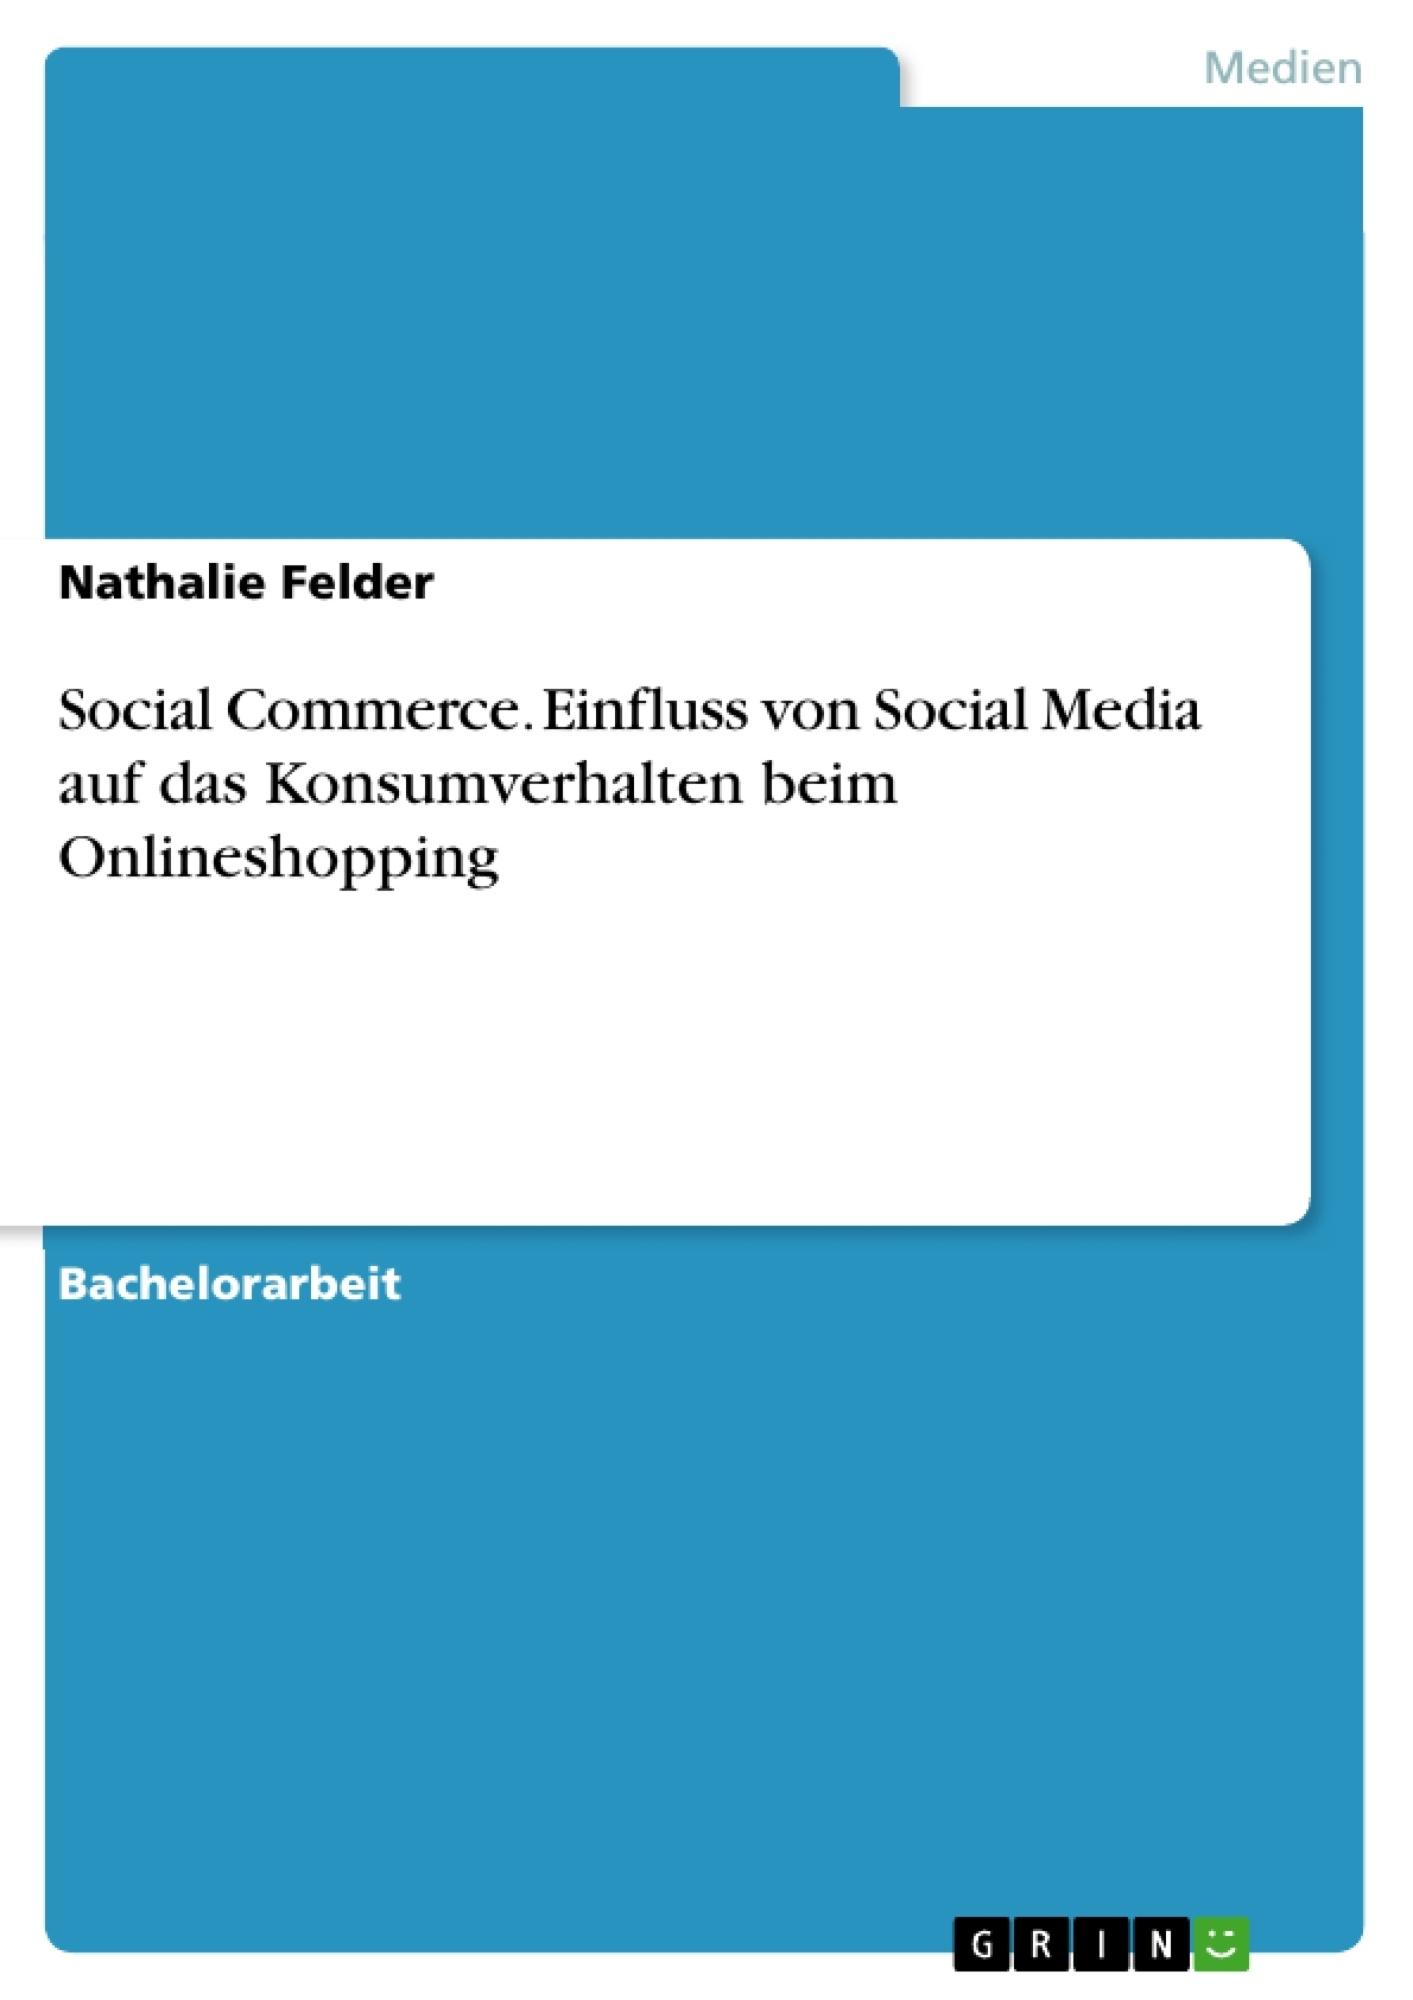 Titel: Social Commerce. Einfluss von Social Media auf das Konsumverhalten beim Onlineshopping